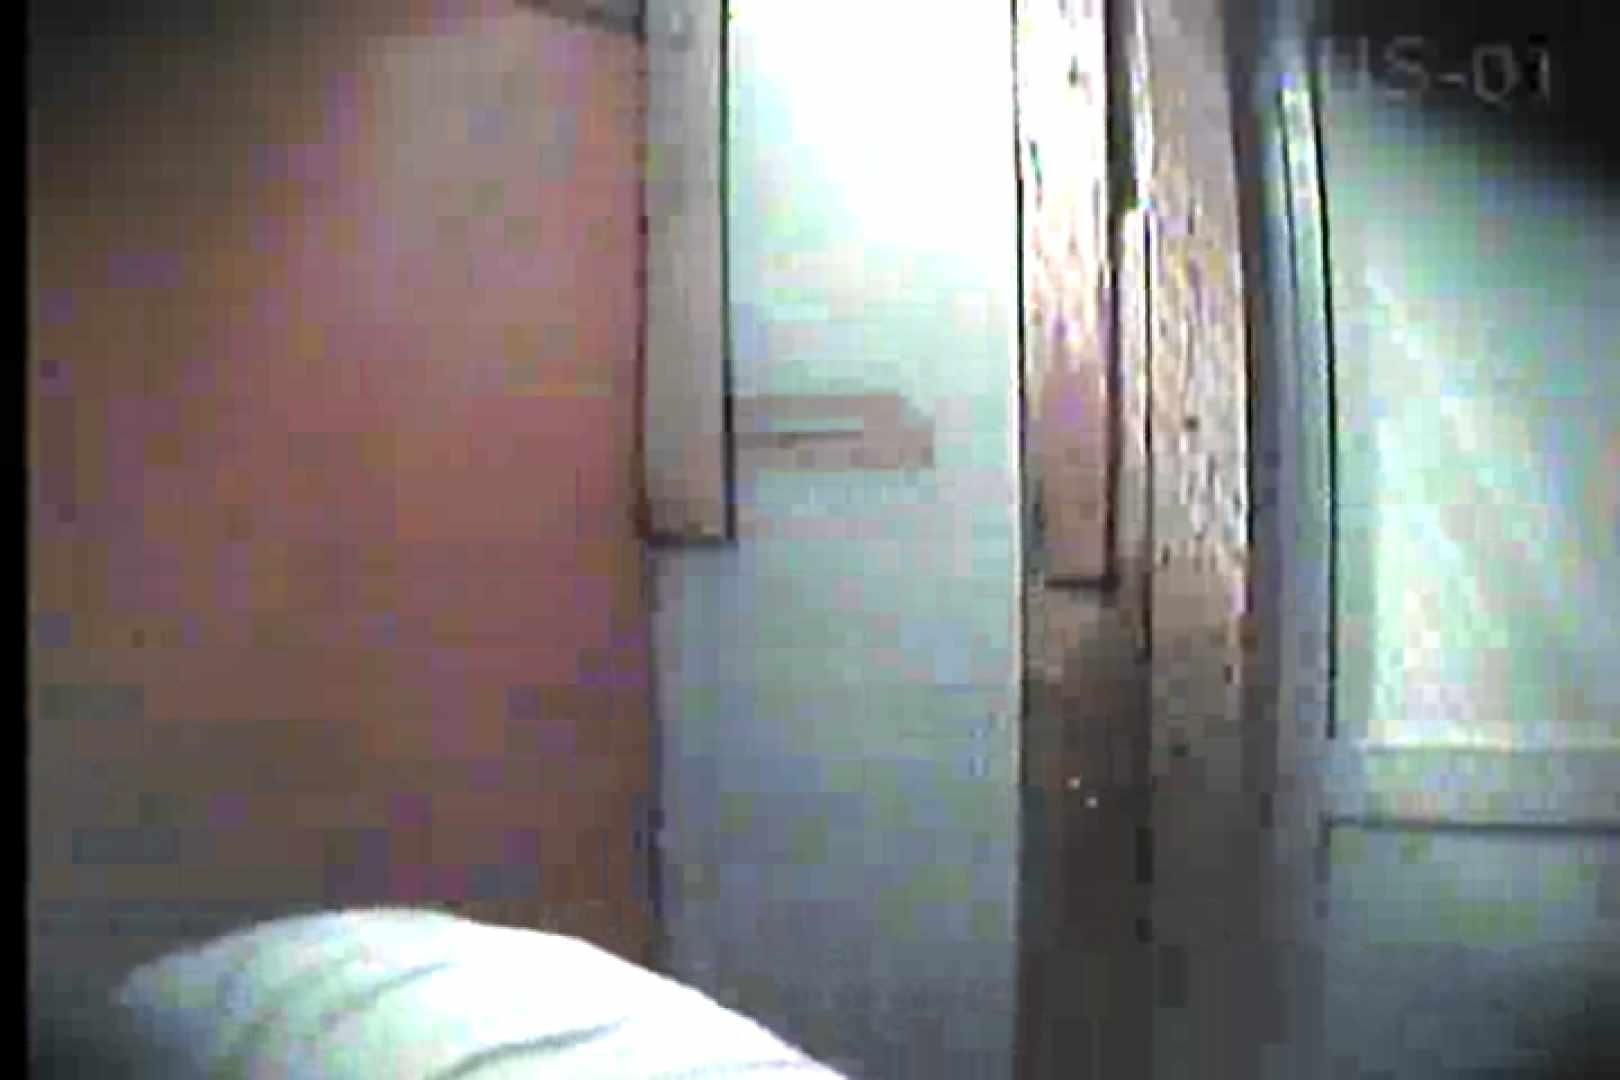 露天風呂脱衣所お着替え盗撮 Vol.01 OLのボディ セックス画像 69PIX 57